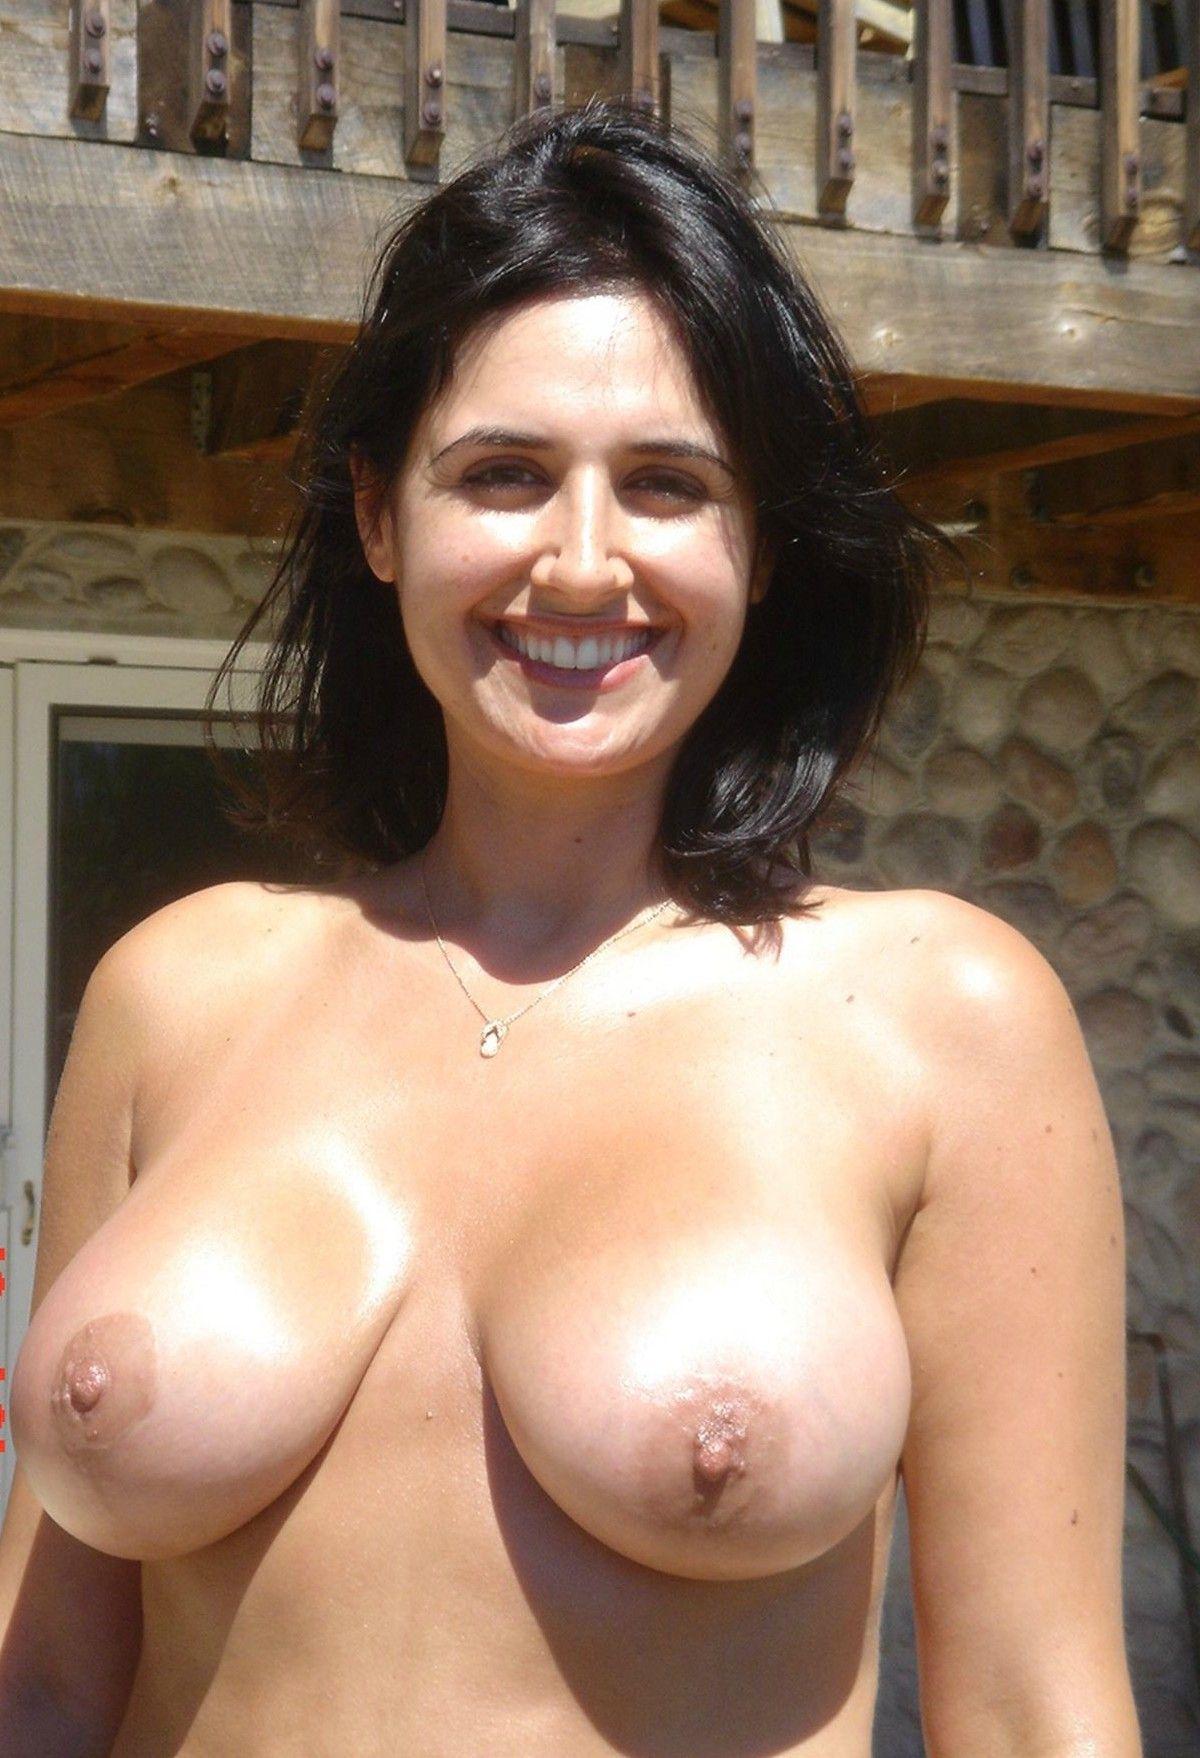 bengaluru businesswoman enjoying nude vacation photos 001